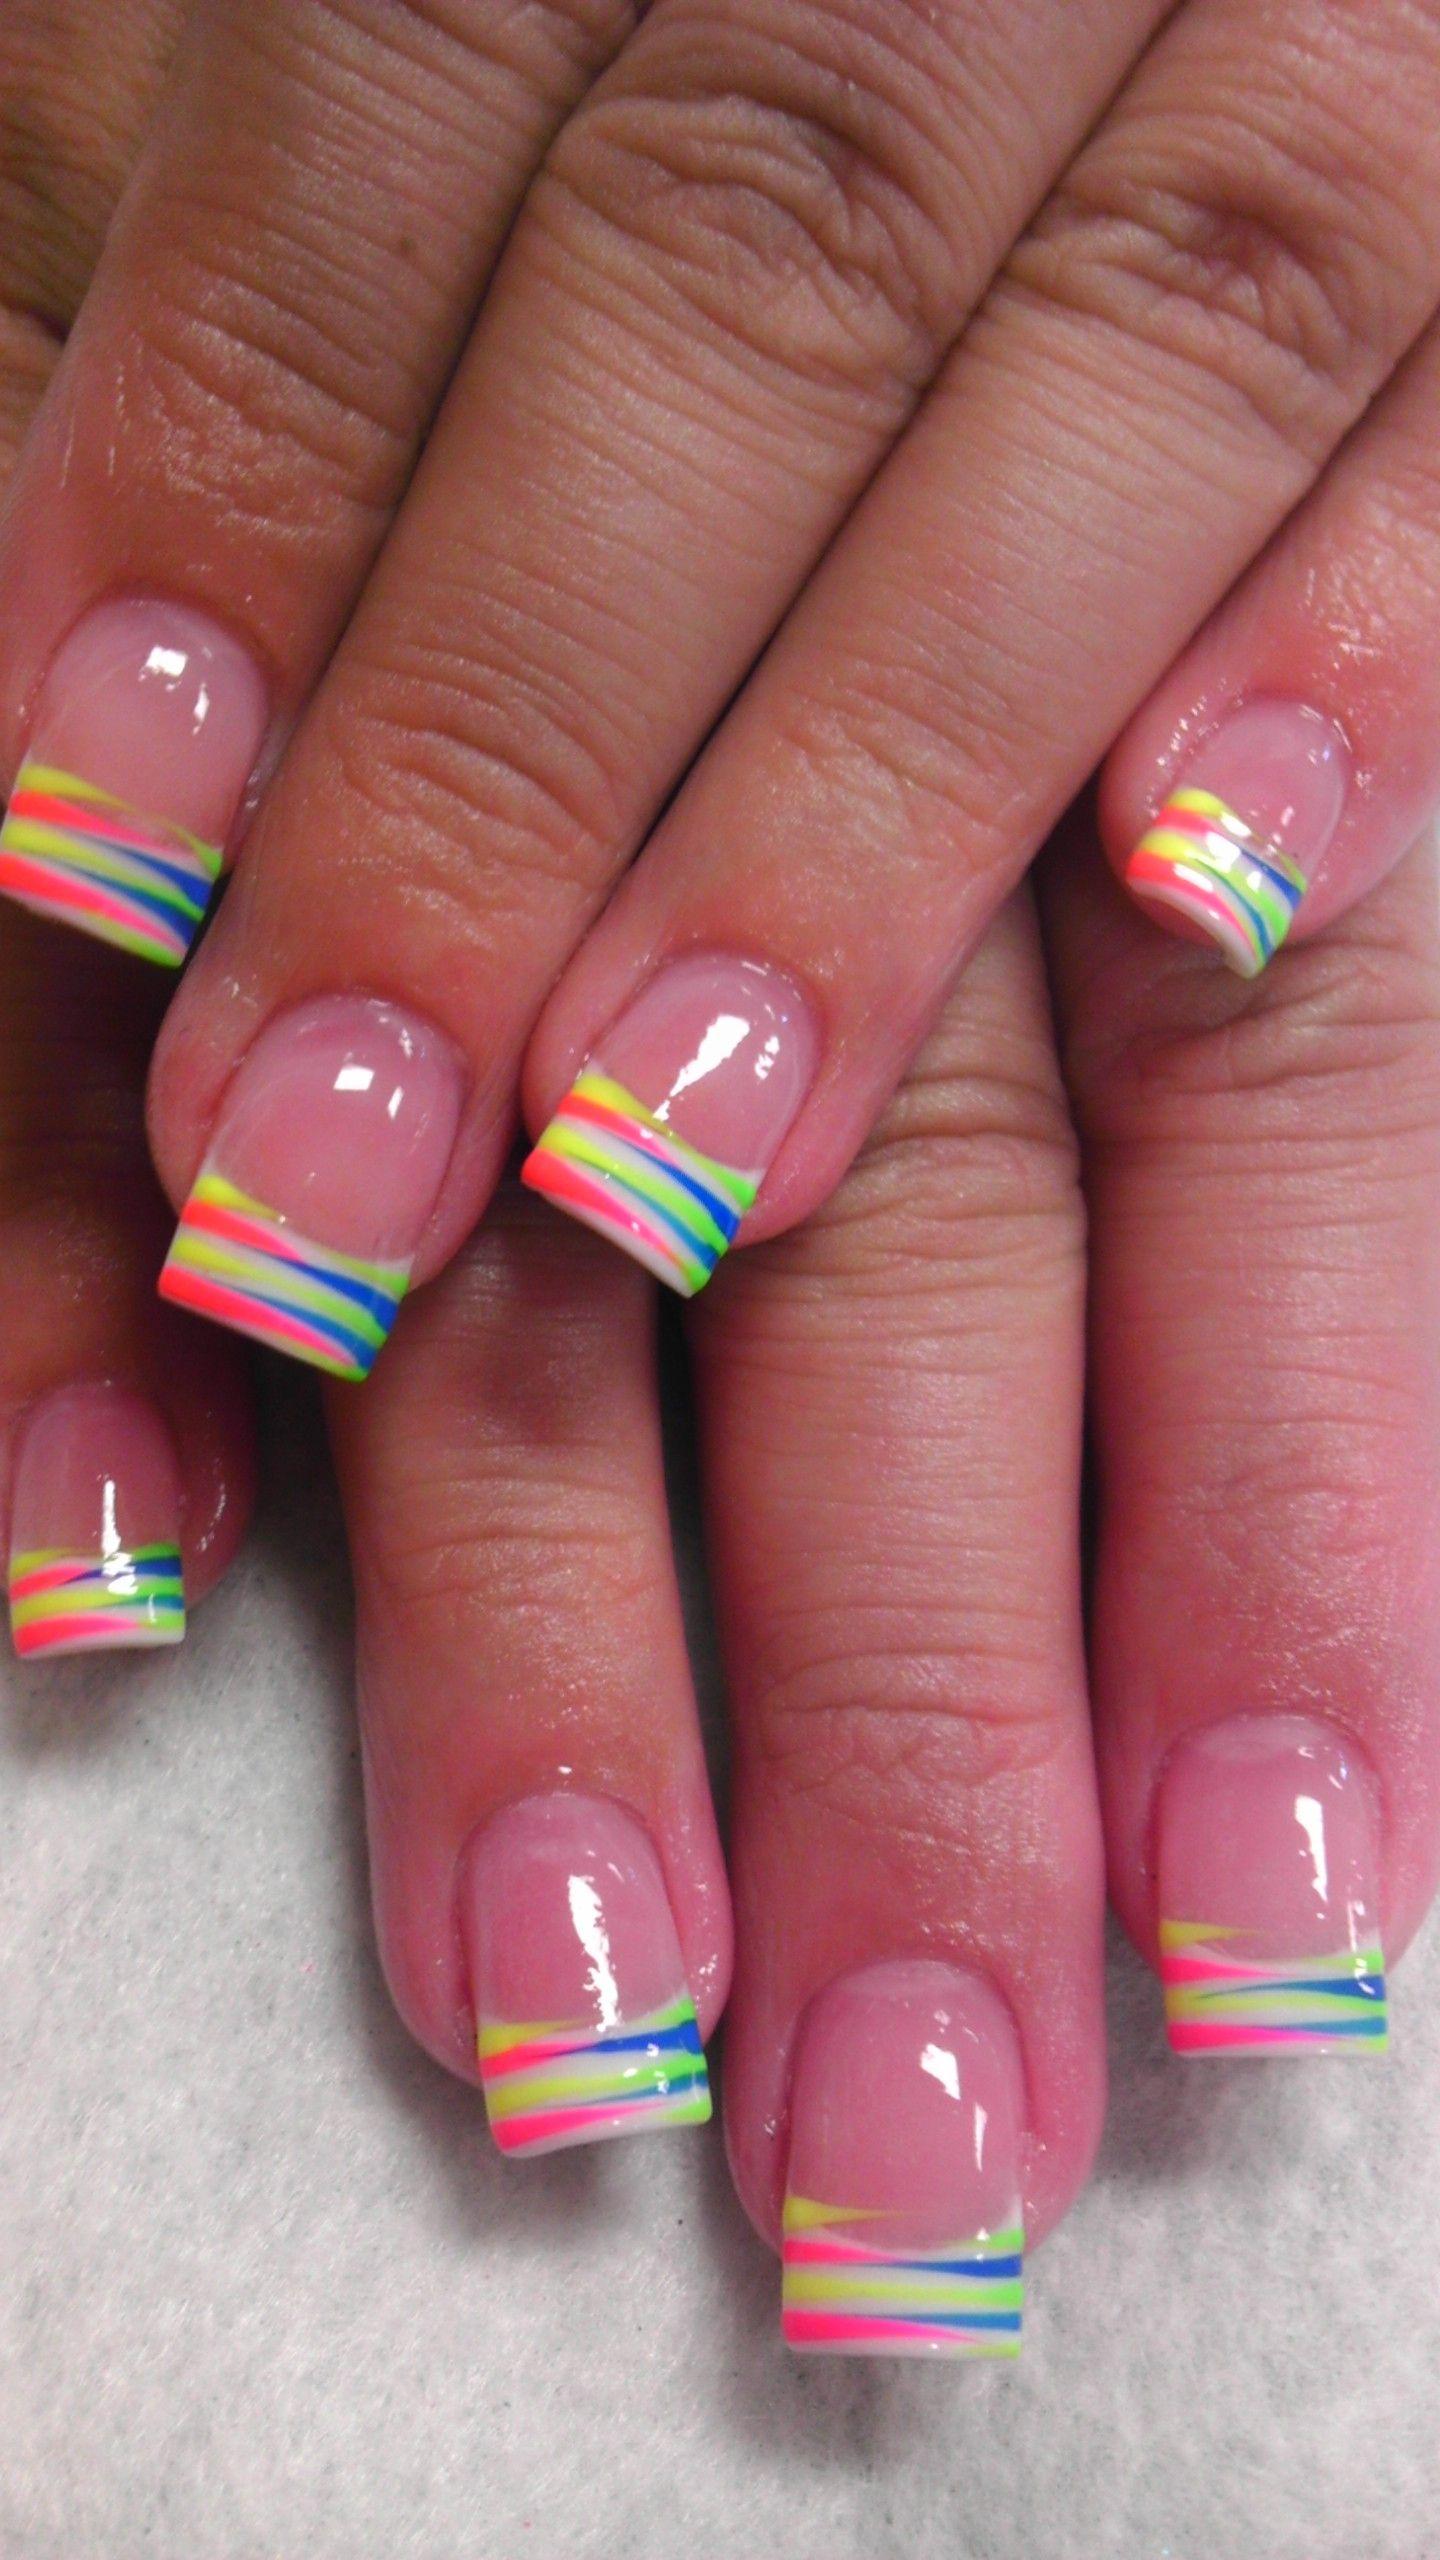 nail art | nagels | Pinterest | Nail nail, Make up and Manicure